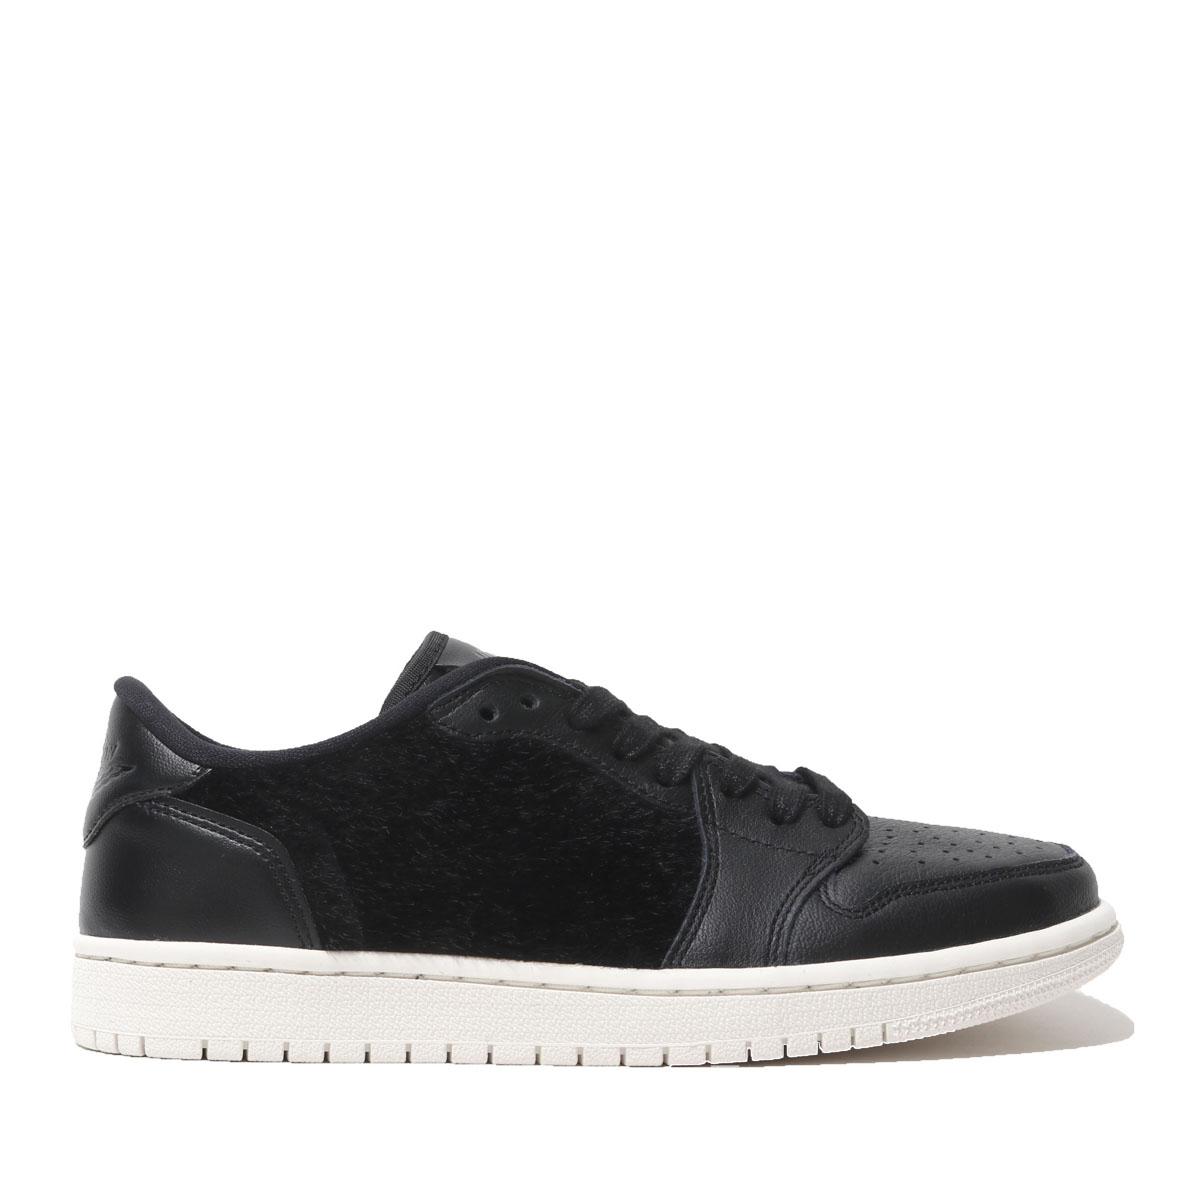 NIKE WMNS AIR JORDAN 1 RETRO LOW NS (BLACK BLACK-SAIL) (Nike women Air  Jordan 1 nostalgic low NS) e87bb1e0ae